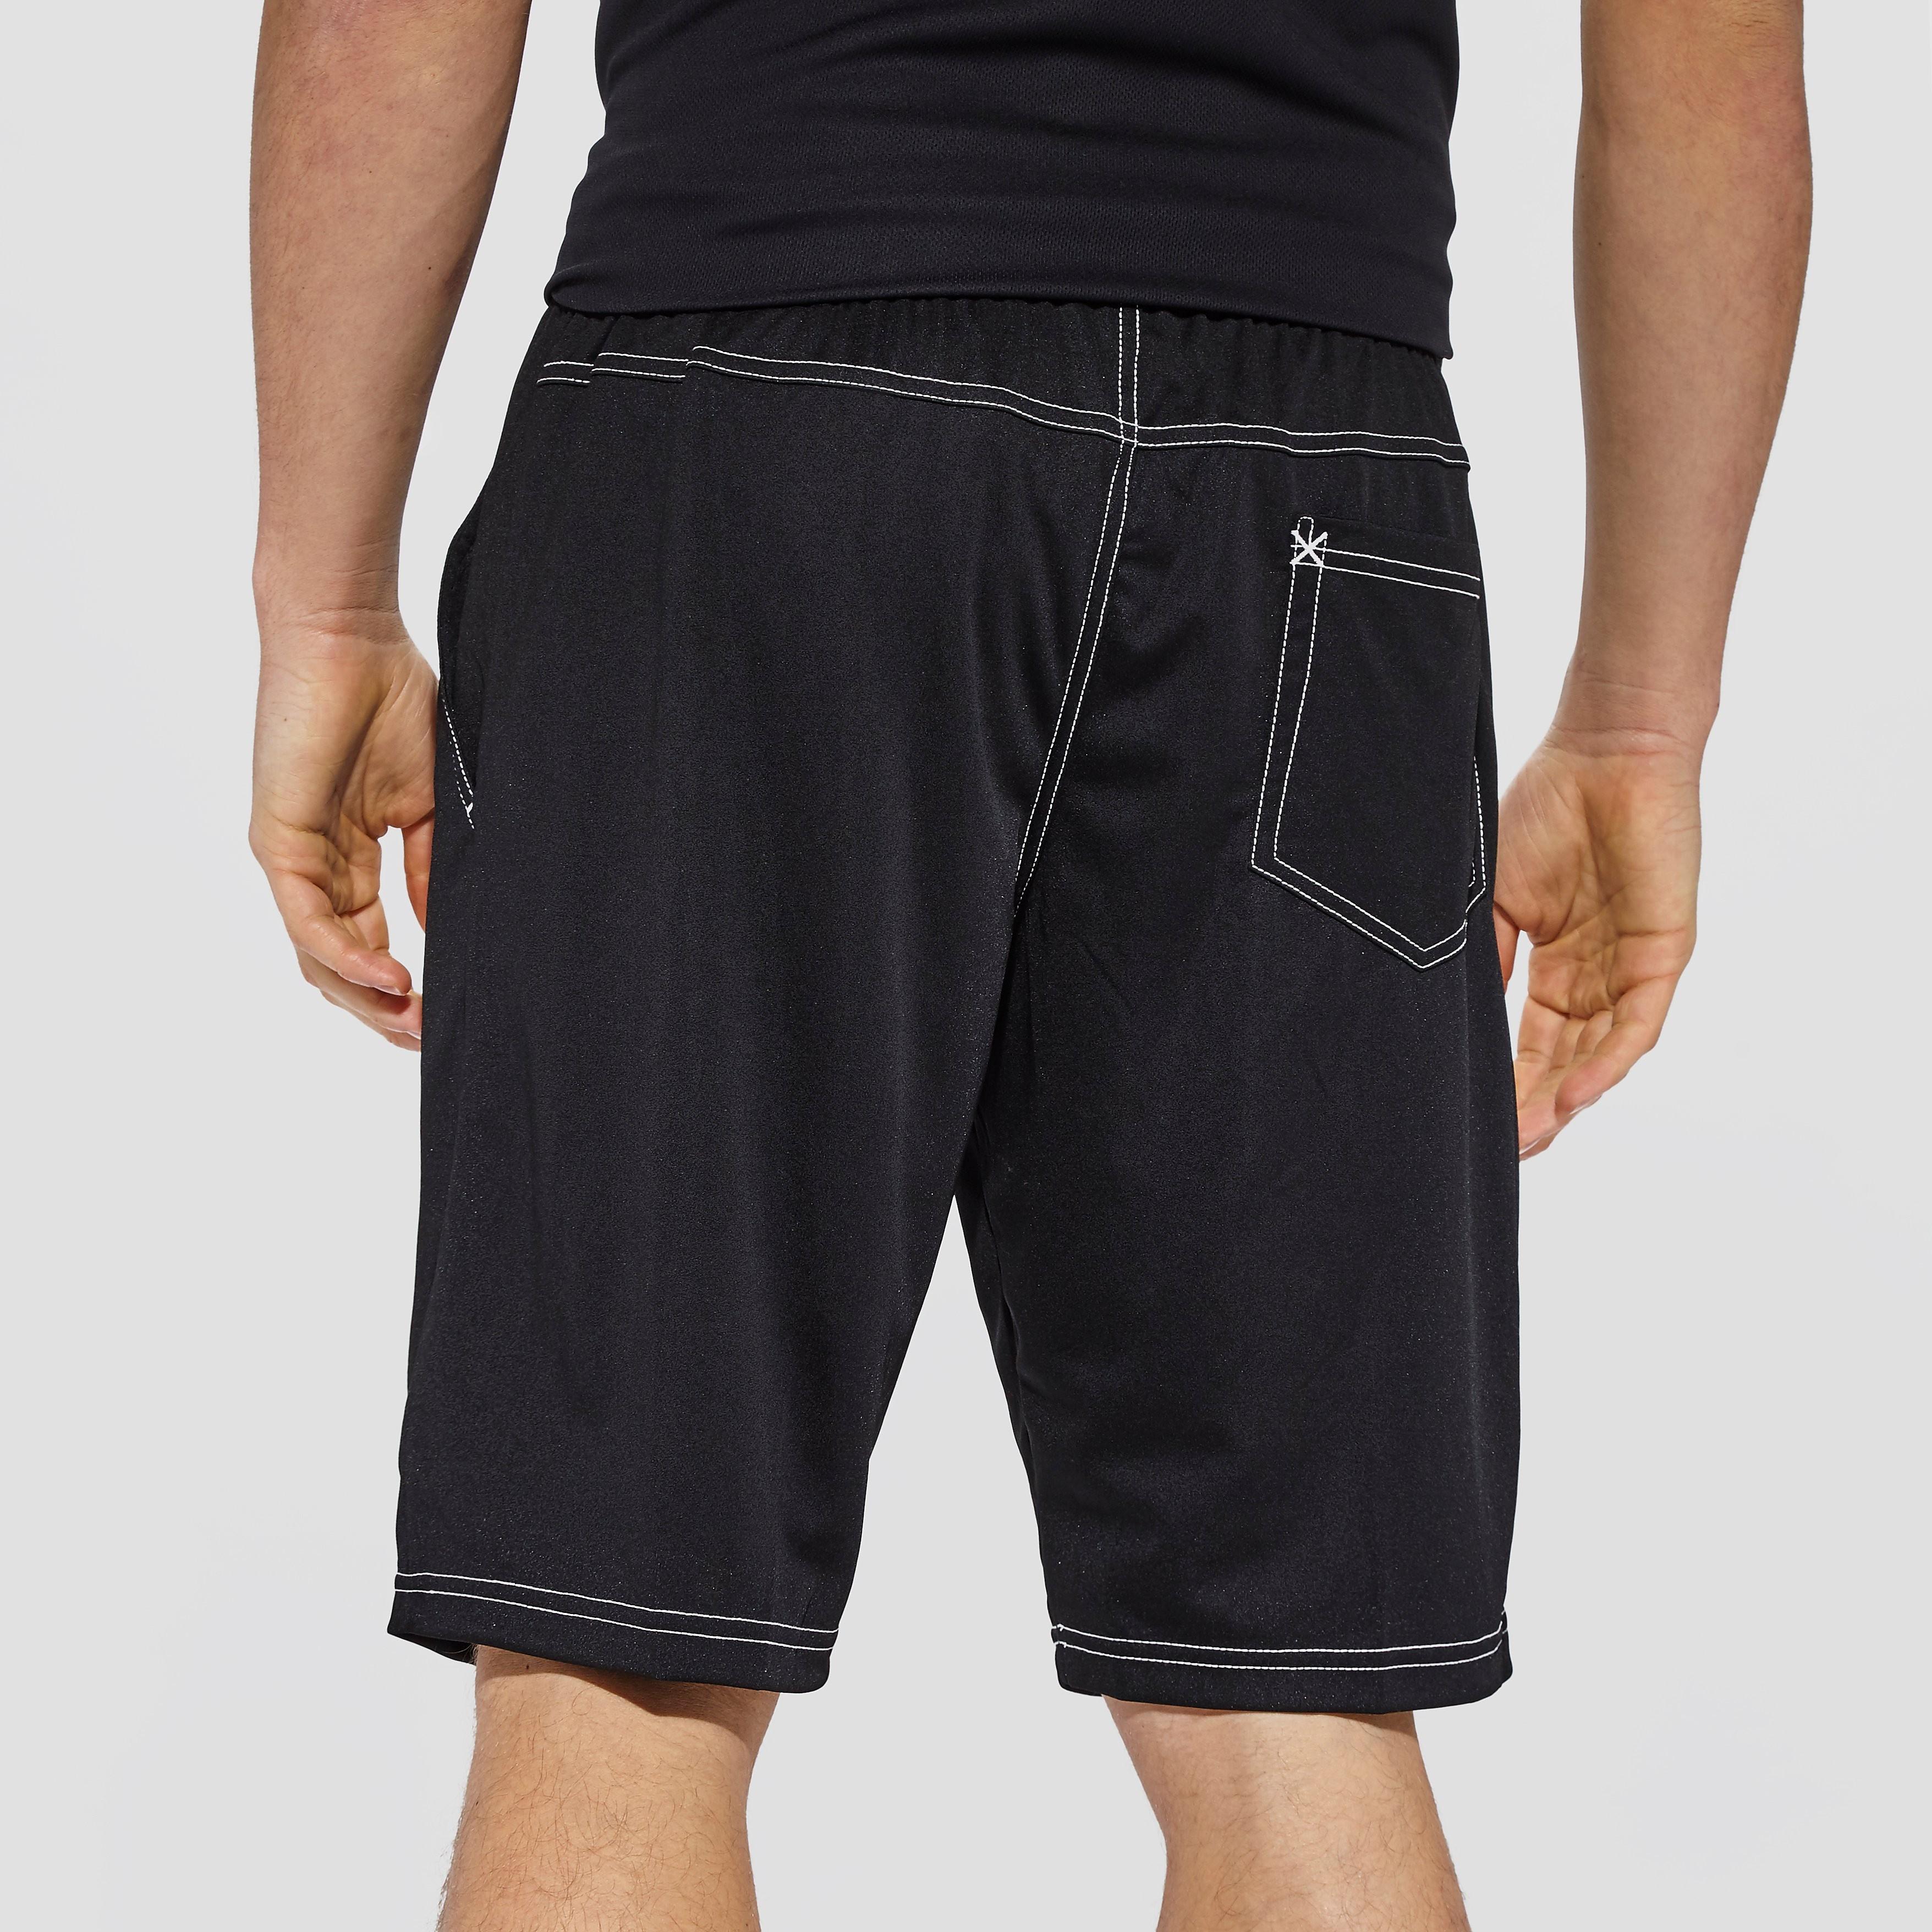 Yonex 15047EX Men's Badminton Shorts